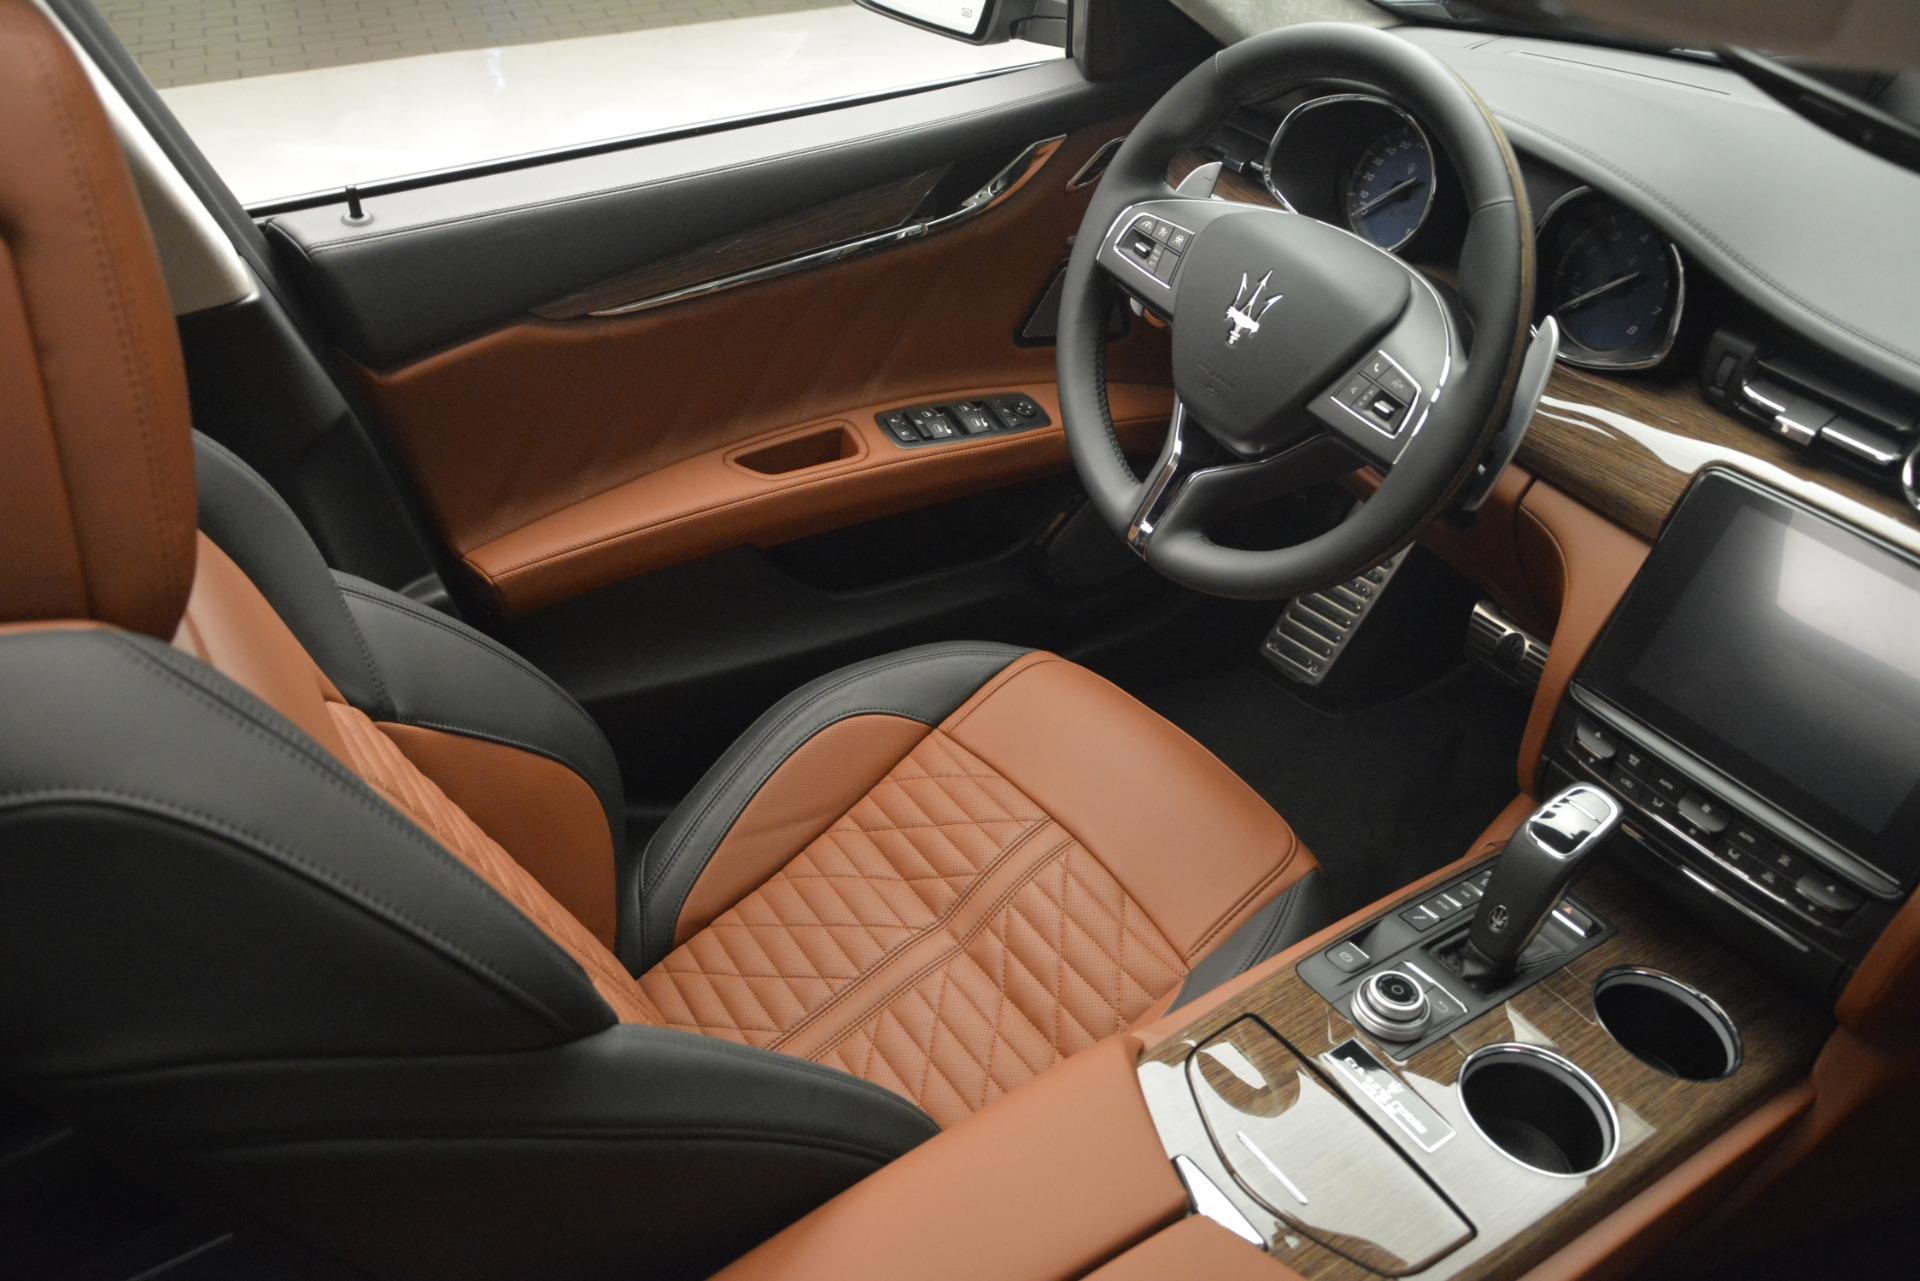 New 2019 Maserati Quattroporte S Q4 GranLusso Edizione Nobile For Sale In Westport, CT 2898_p26